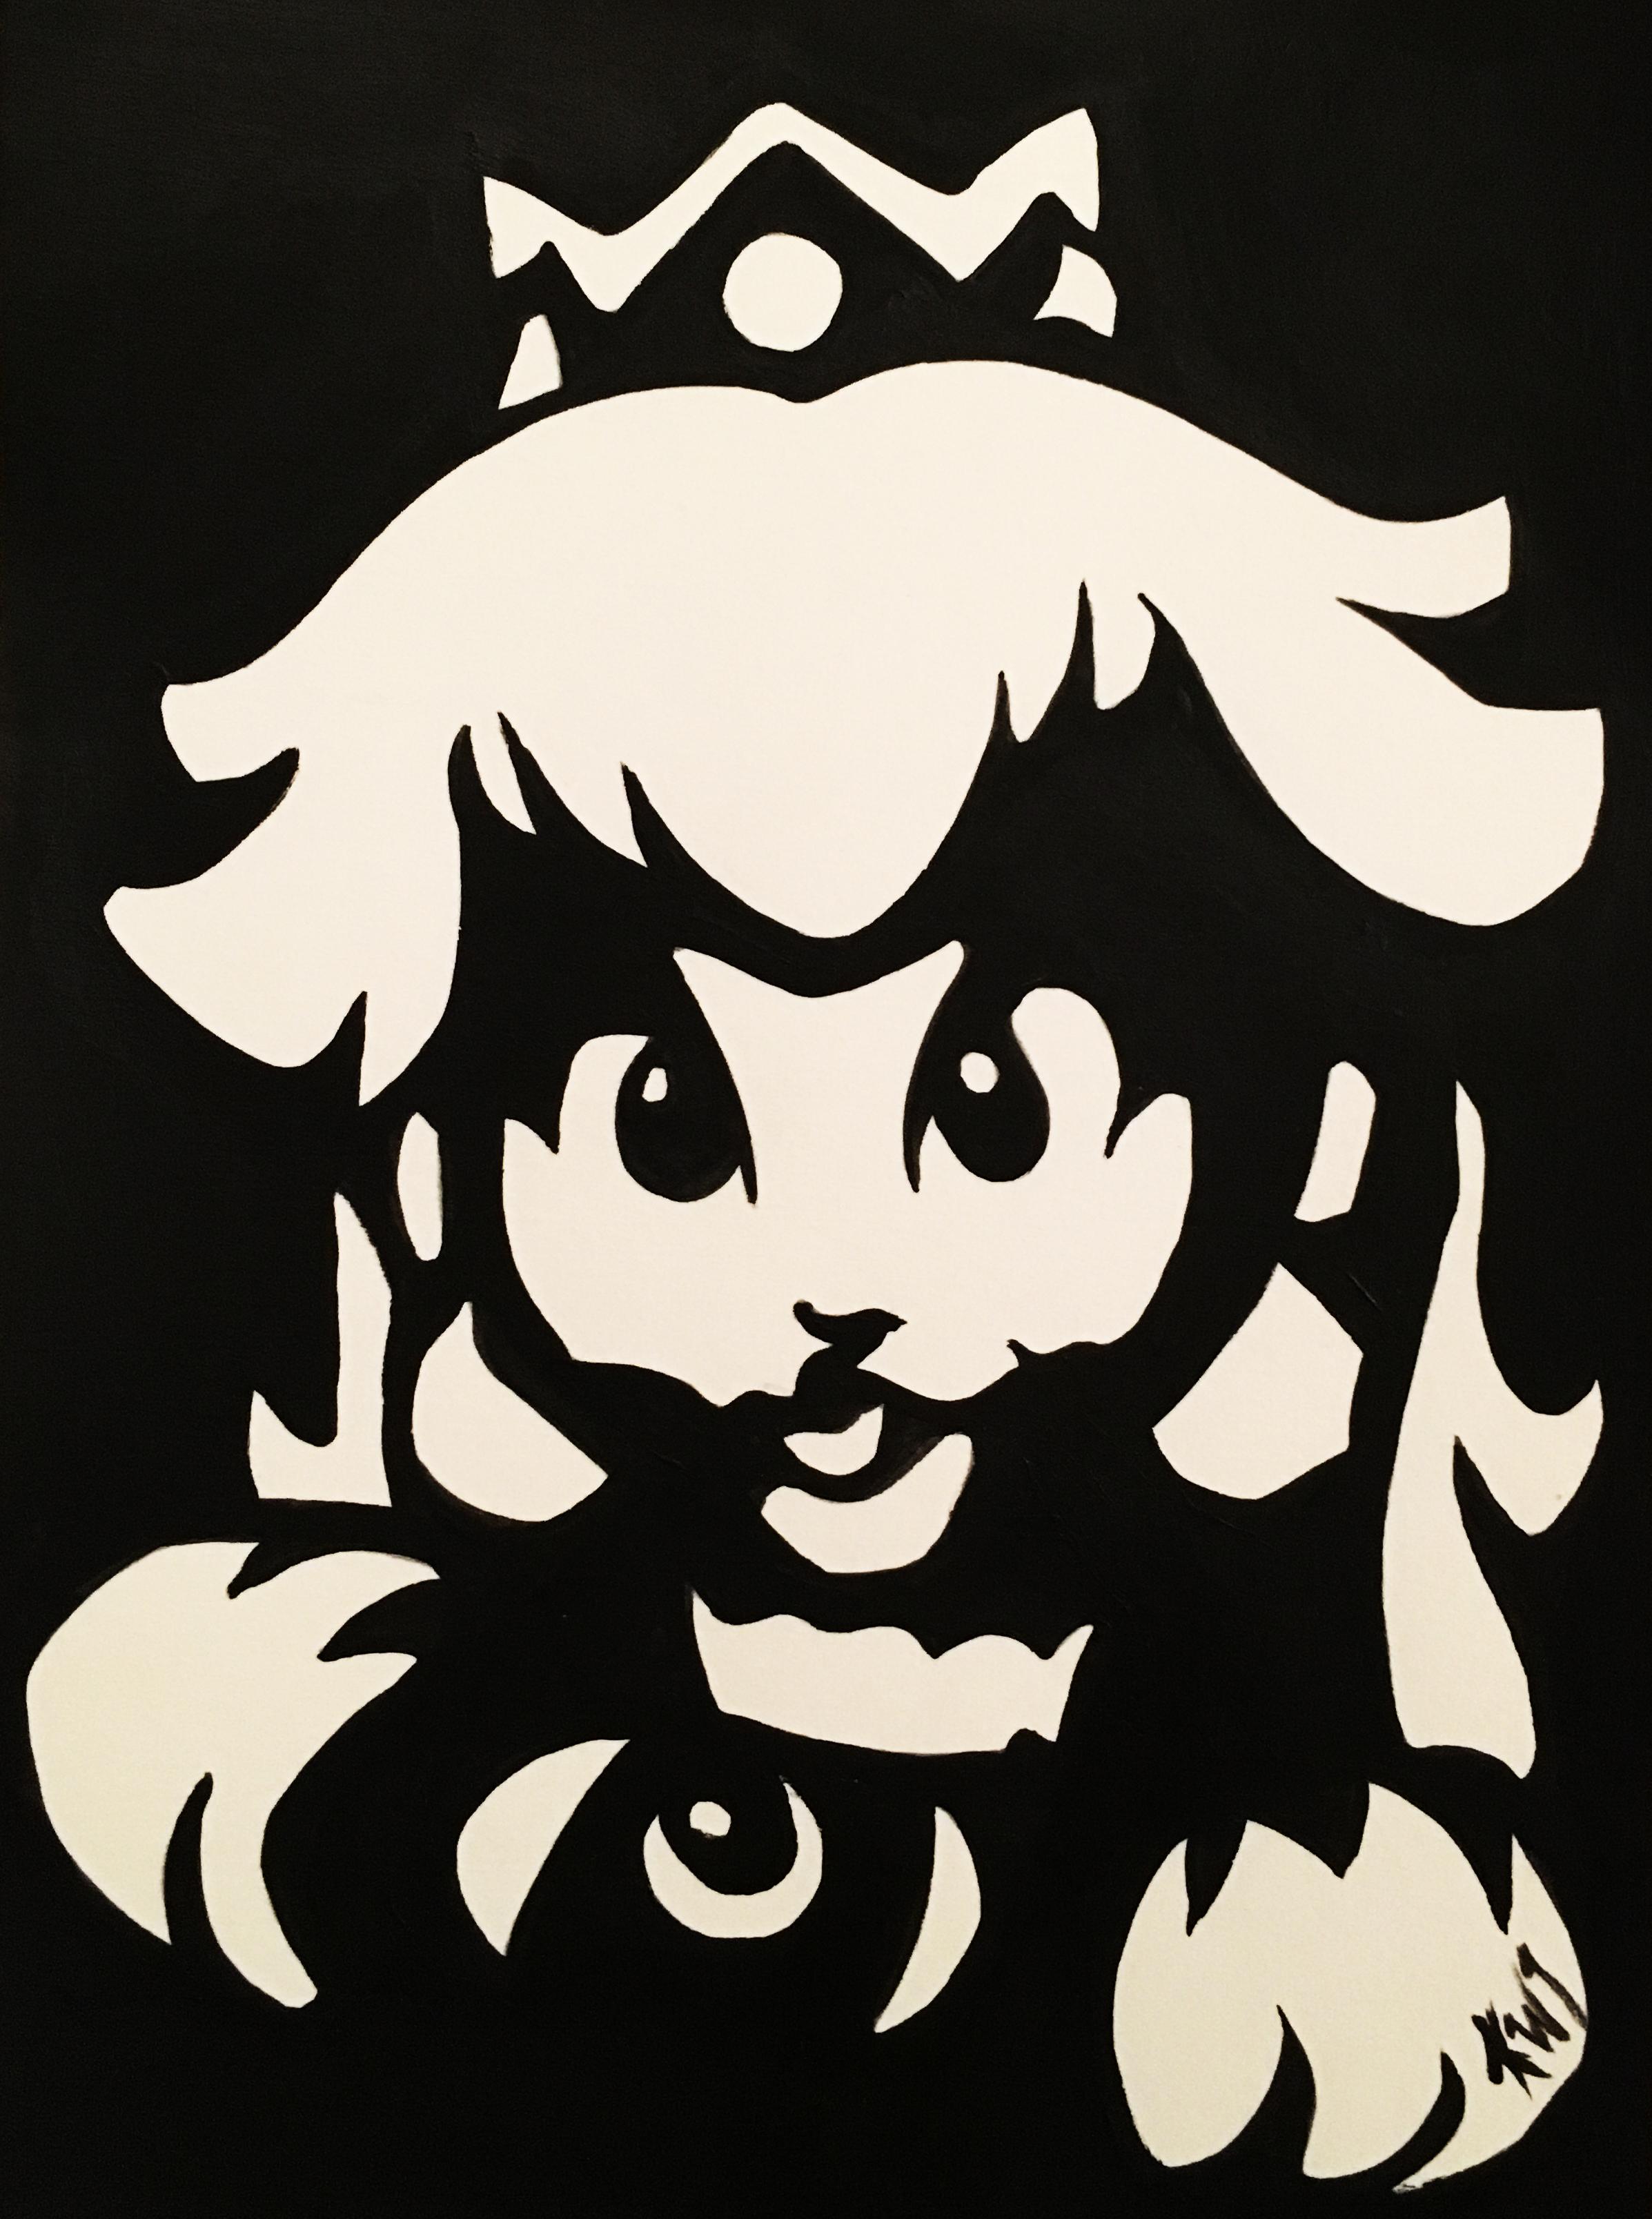 Mario Princess Peach